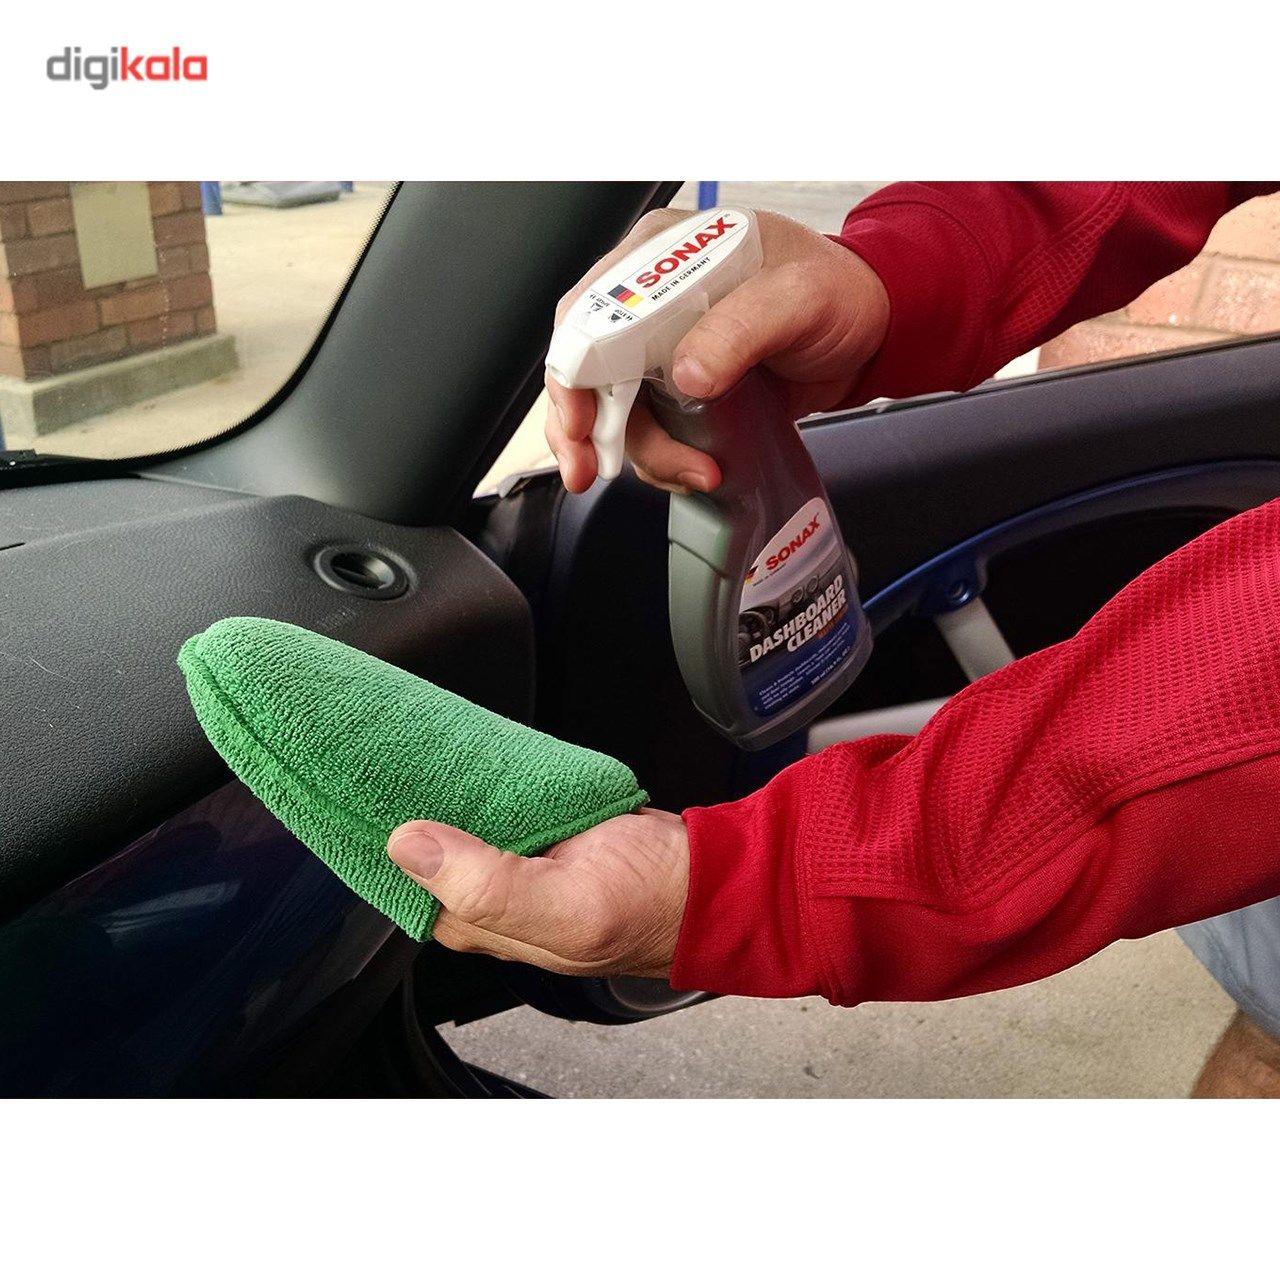 پد تمیز کننده قطعات پلاستیکی خودرو سوناکس مدل 417200 main 1 7